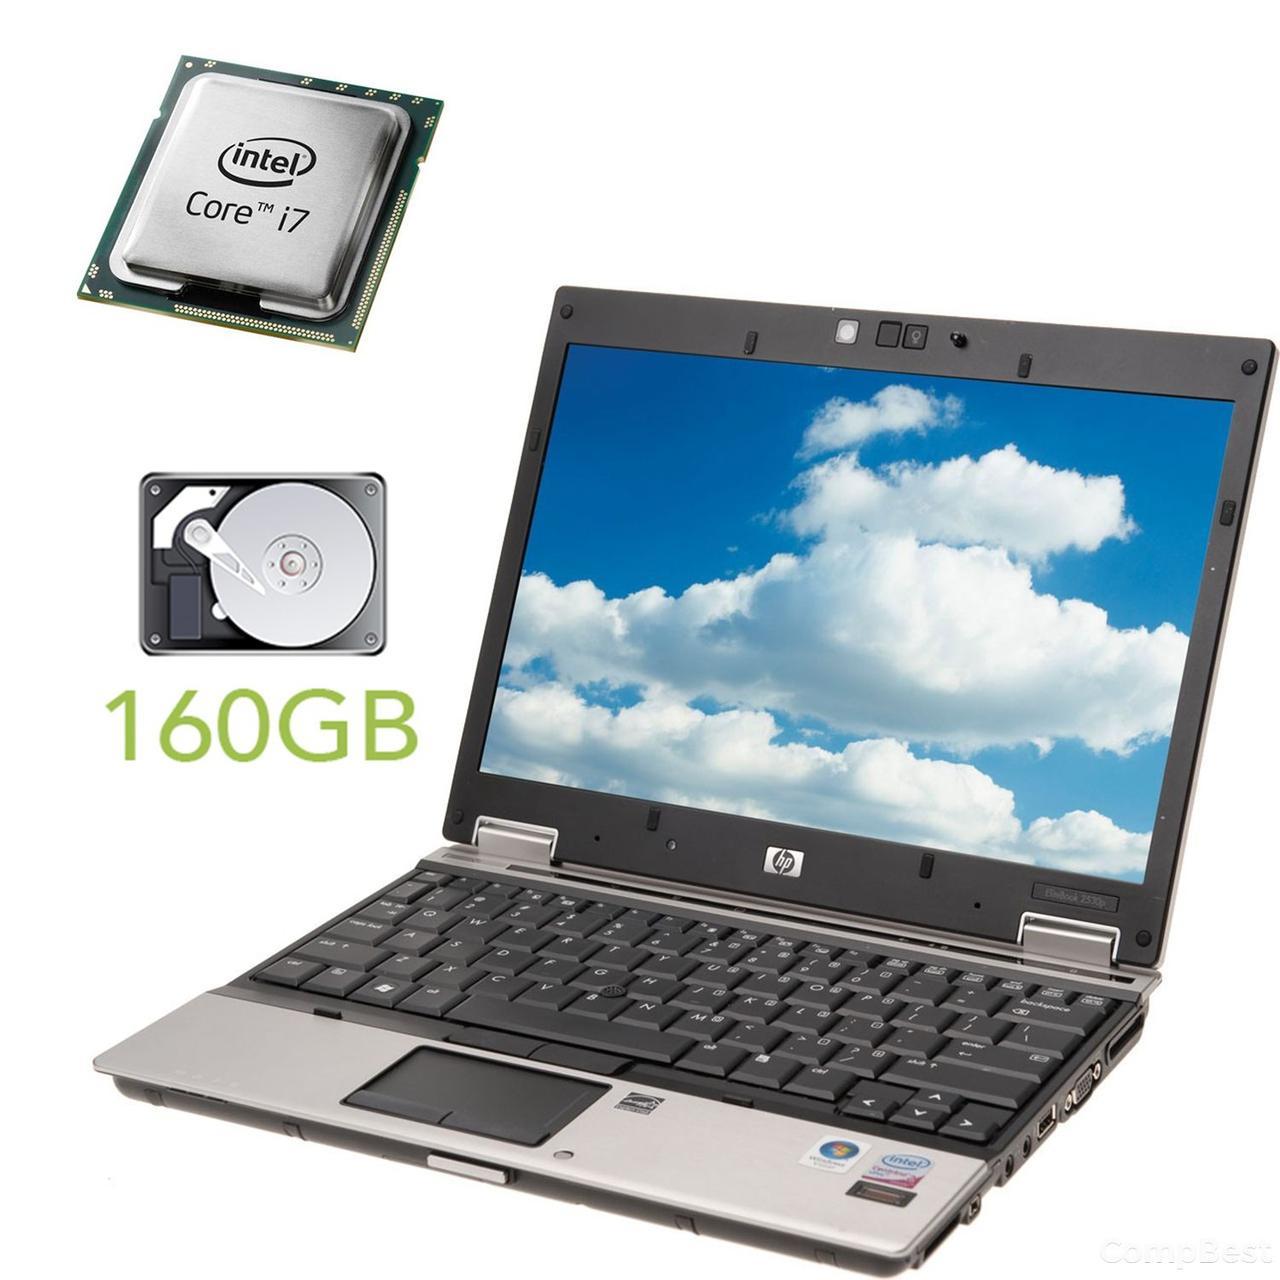 """Hewlett-Packard EliteBook 2540p / 12.1"""" /  Intel Core i7-640LM (2(4) ядра по 2.13GHz) / 2 GB DDR3 / 160 GB HDD / Веб-камера"""